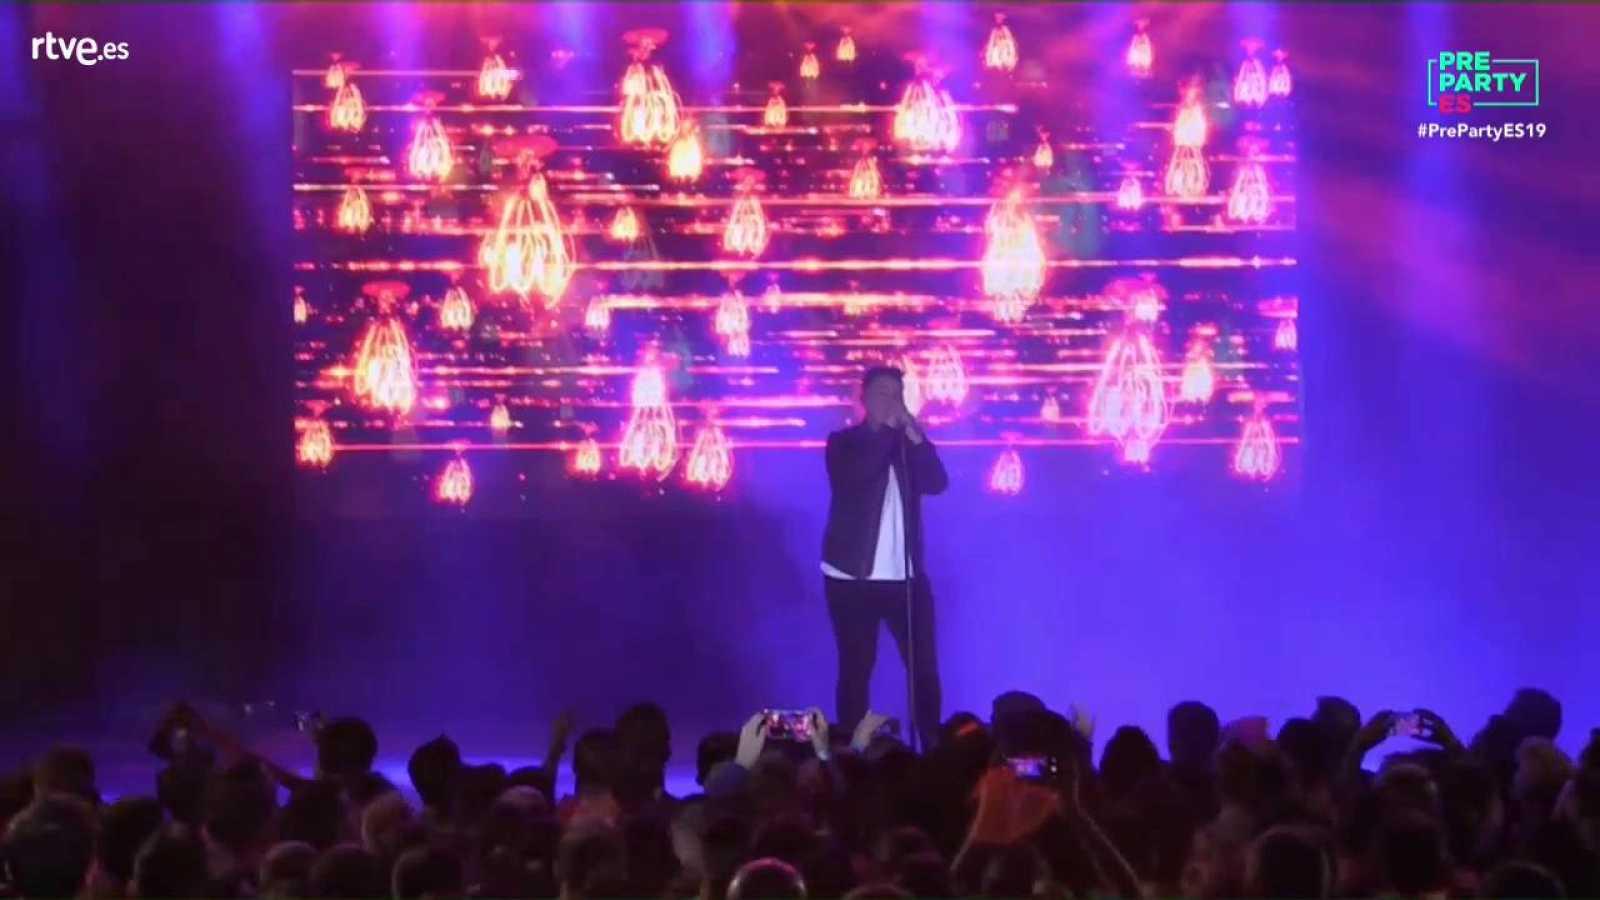 """Eurovisión 2019 - Michael Rice canta """"Bigger than us"""" en la Preparty"""